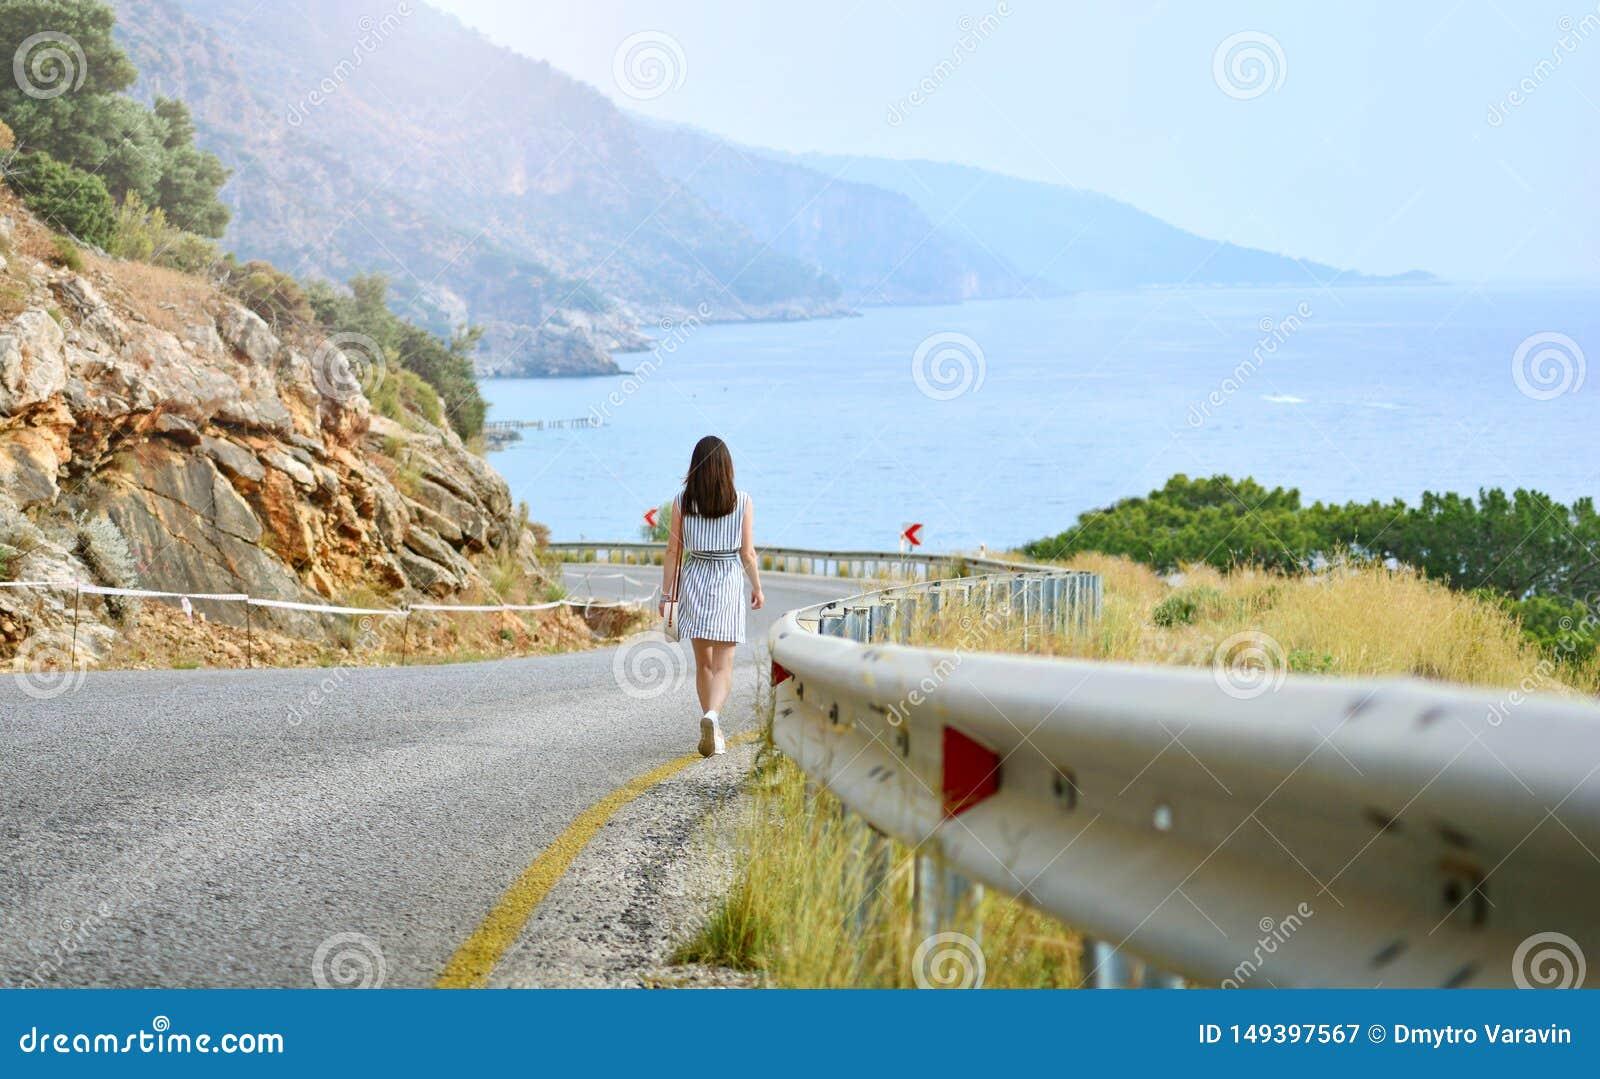 La ragazza va gi? dalla strada della montagna al mare